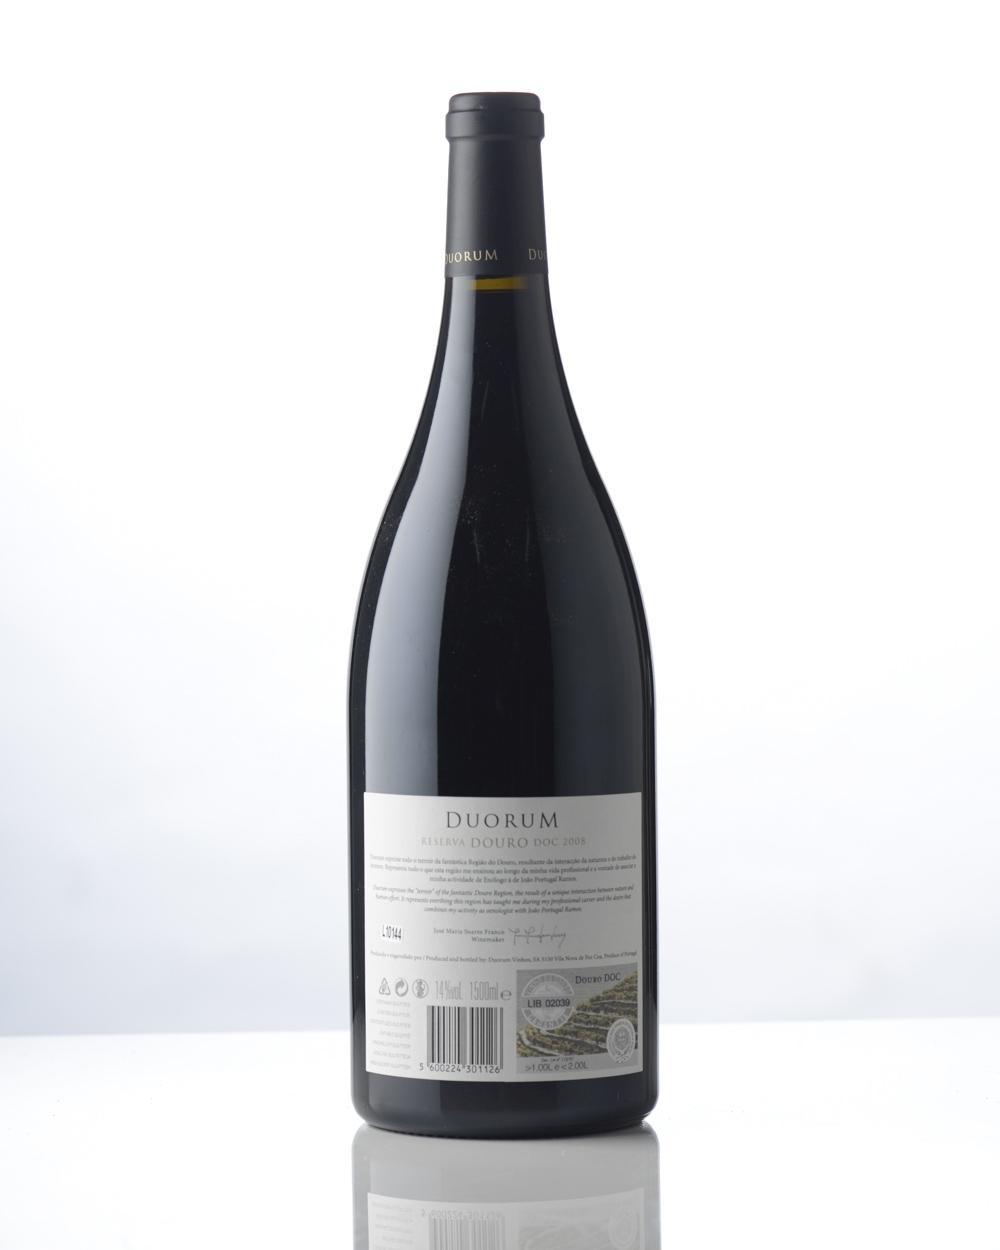 Duorum, Reserva 2008, Vinhas Velhas, 1,5 L, 1 gfa.